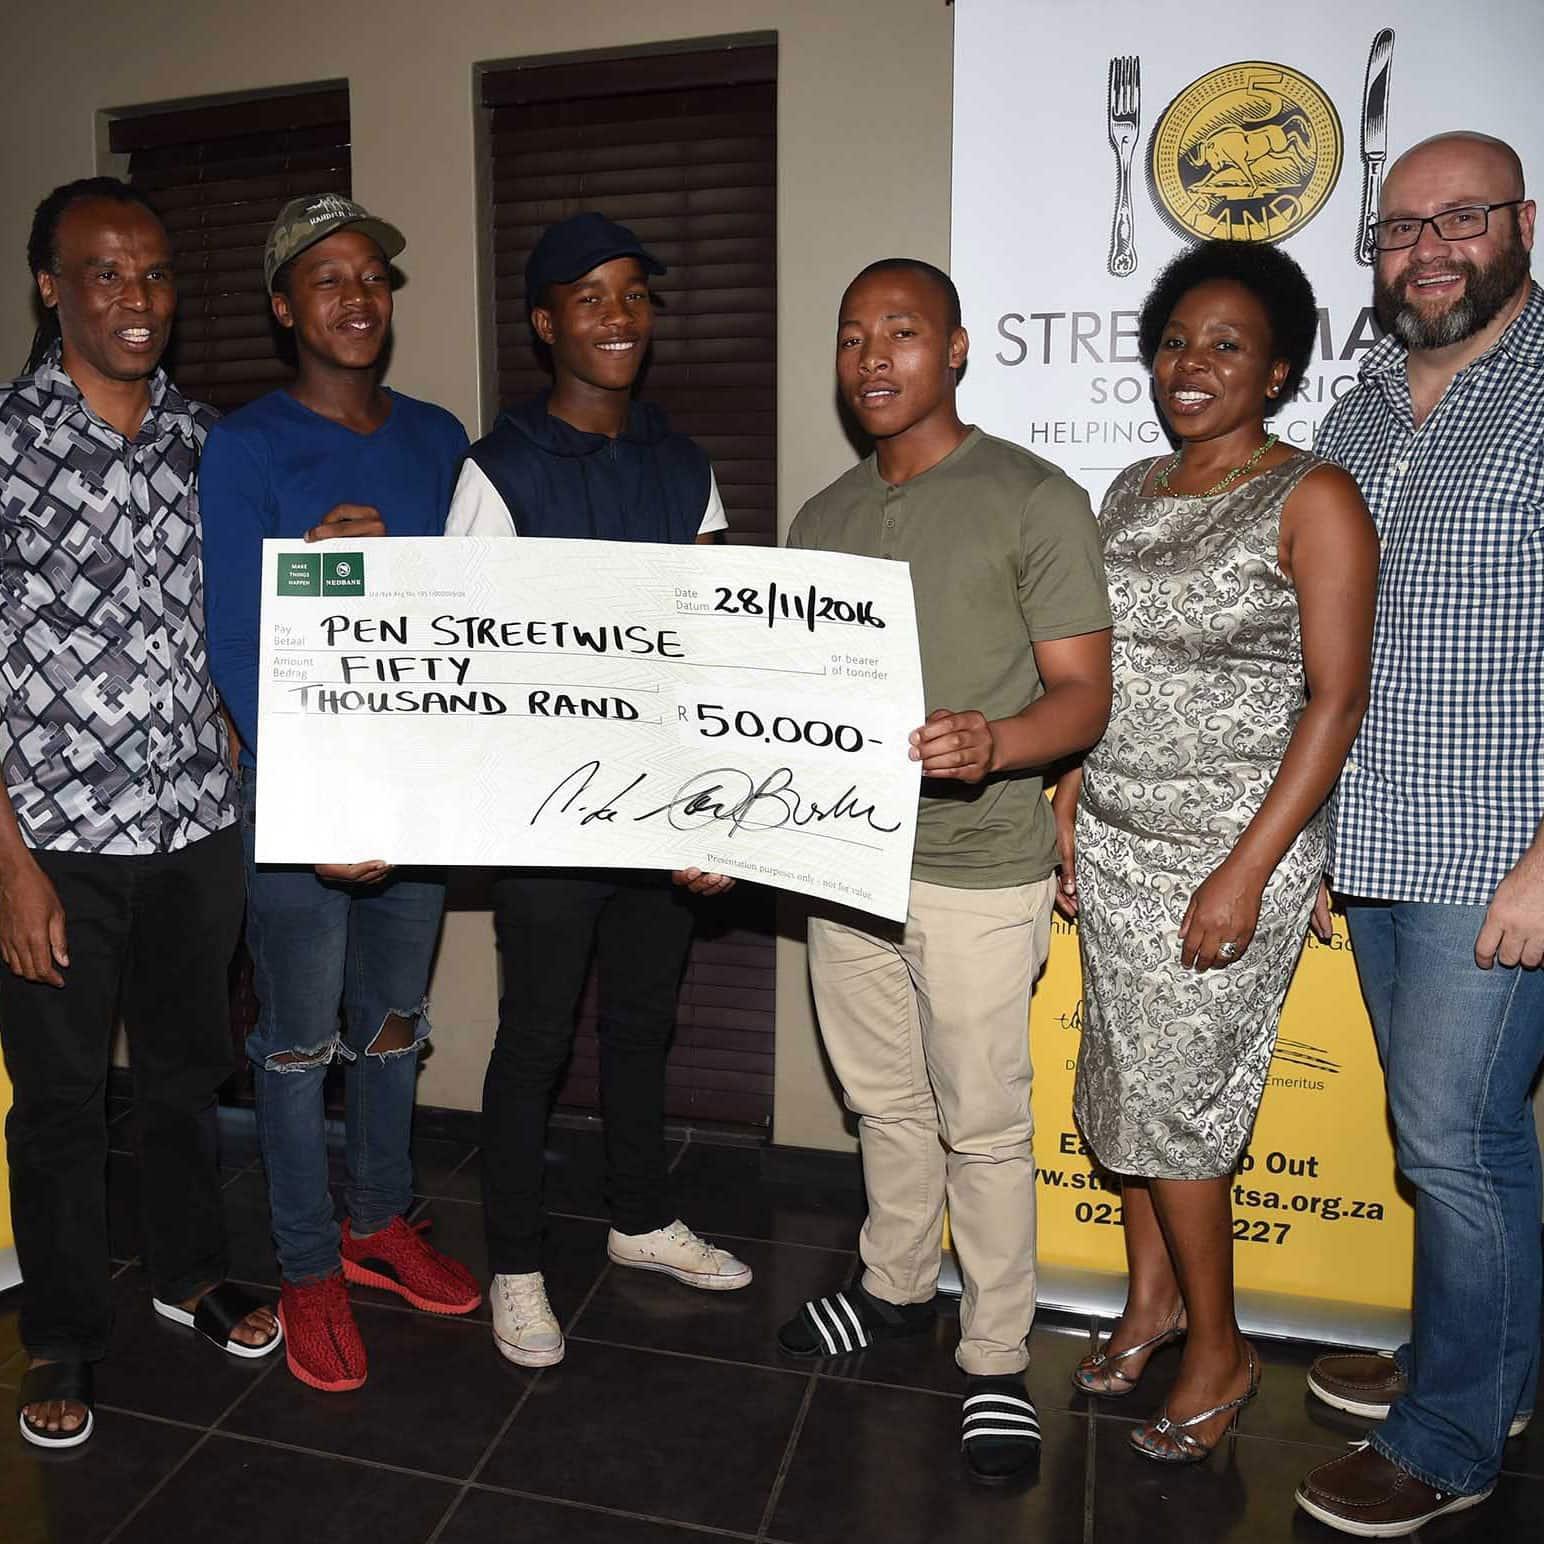 StreetSmart diners raise R 50 000 in Pretoria